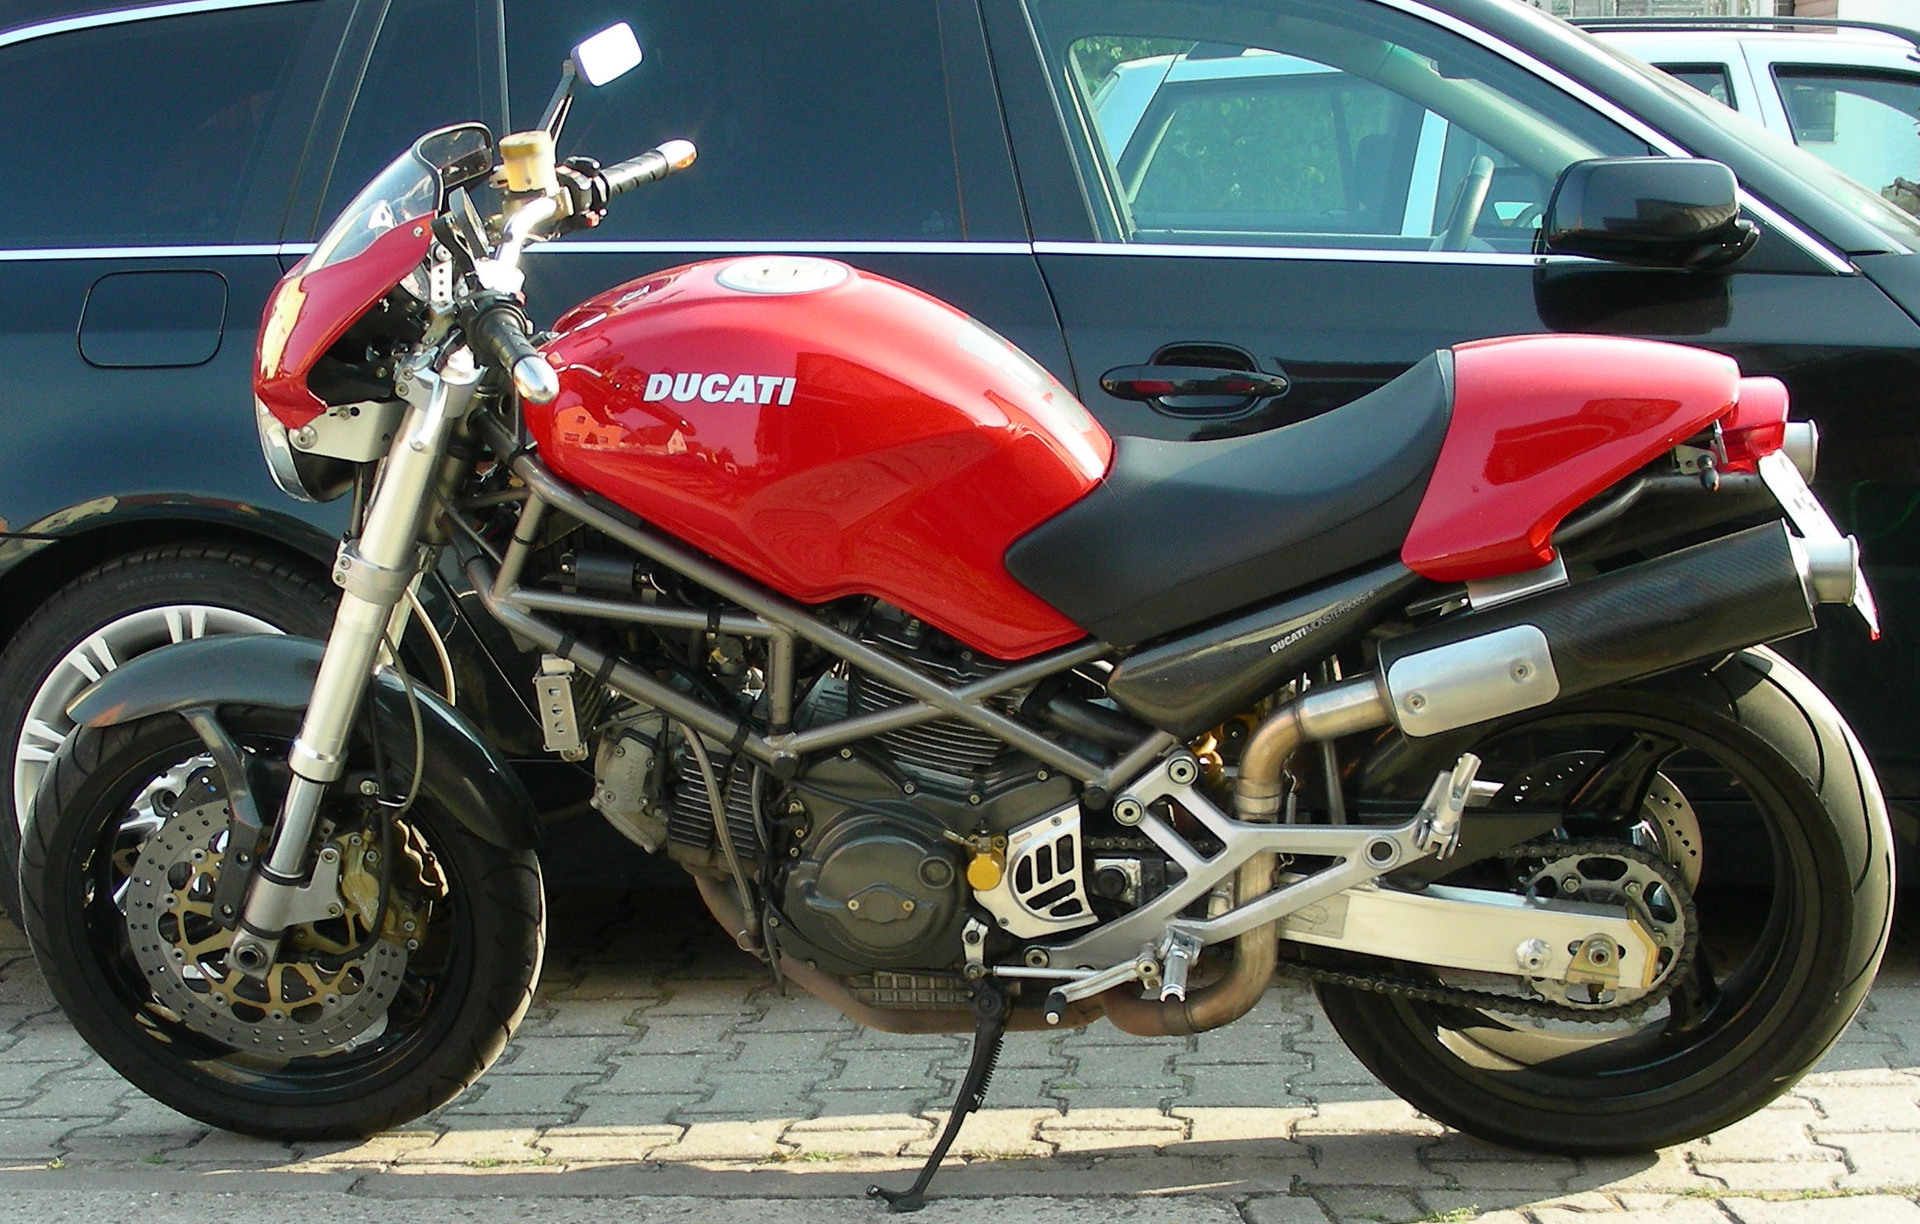 2000 Ducati Monster 900 I.E.